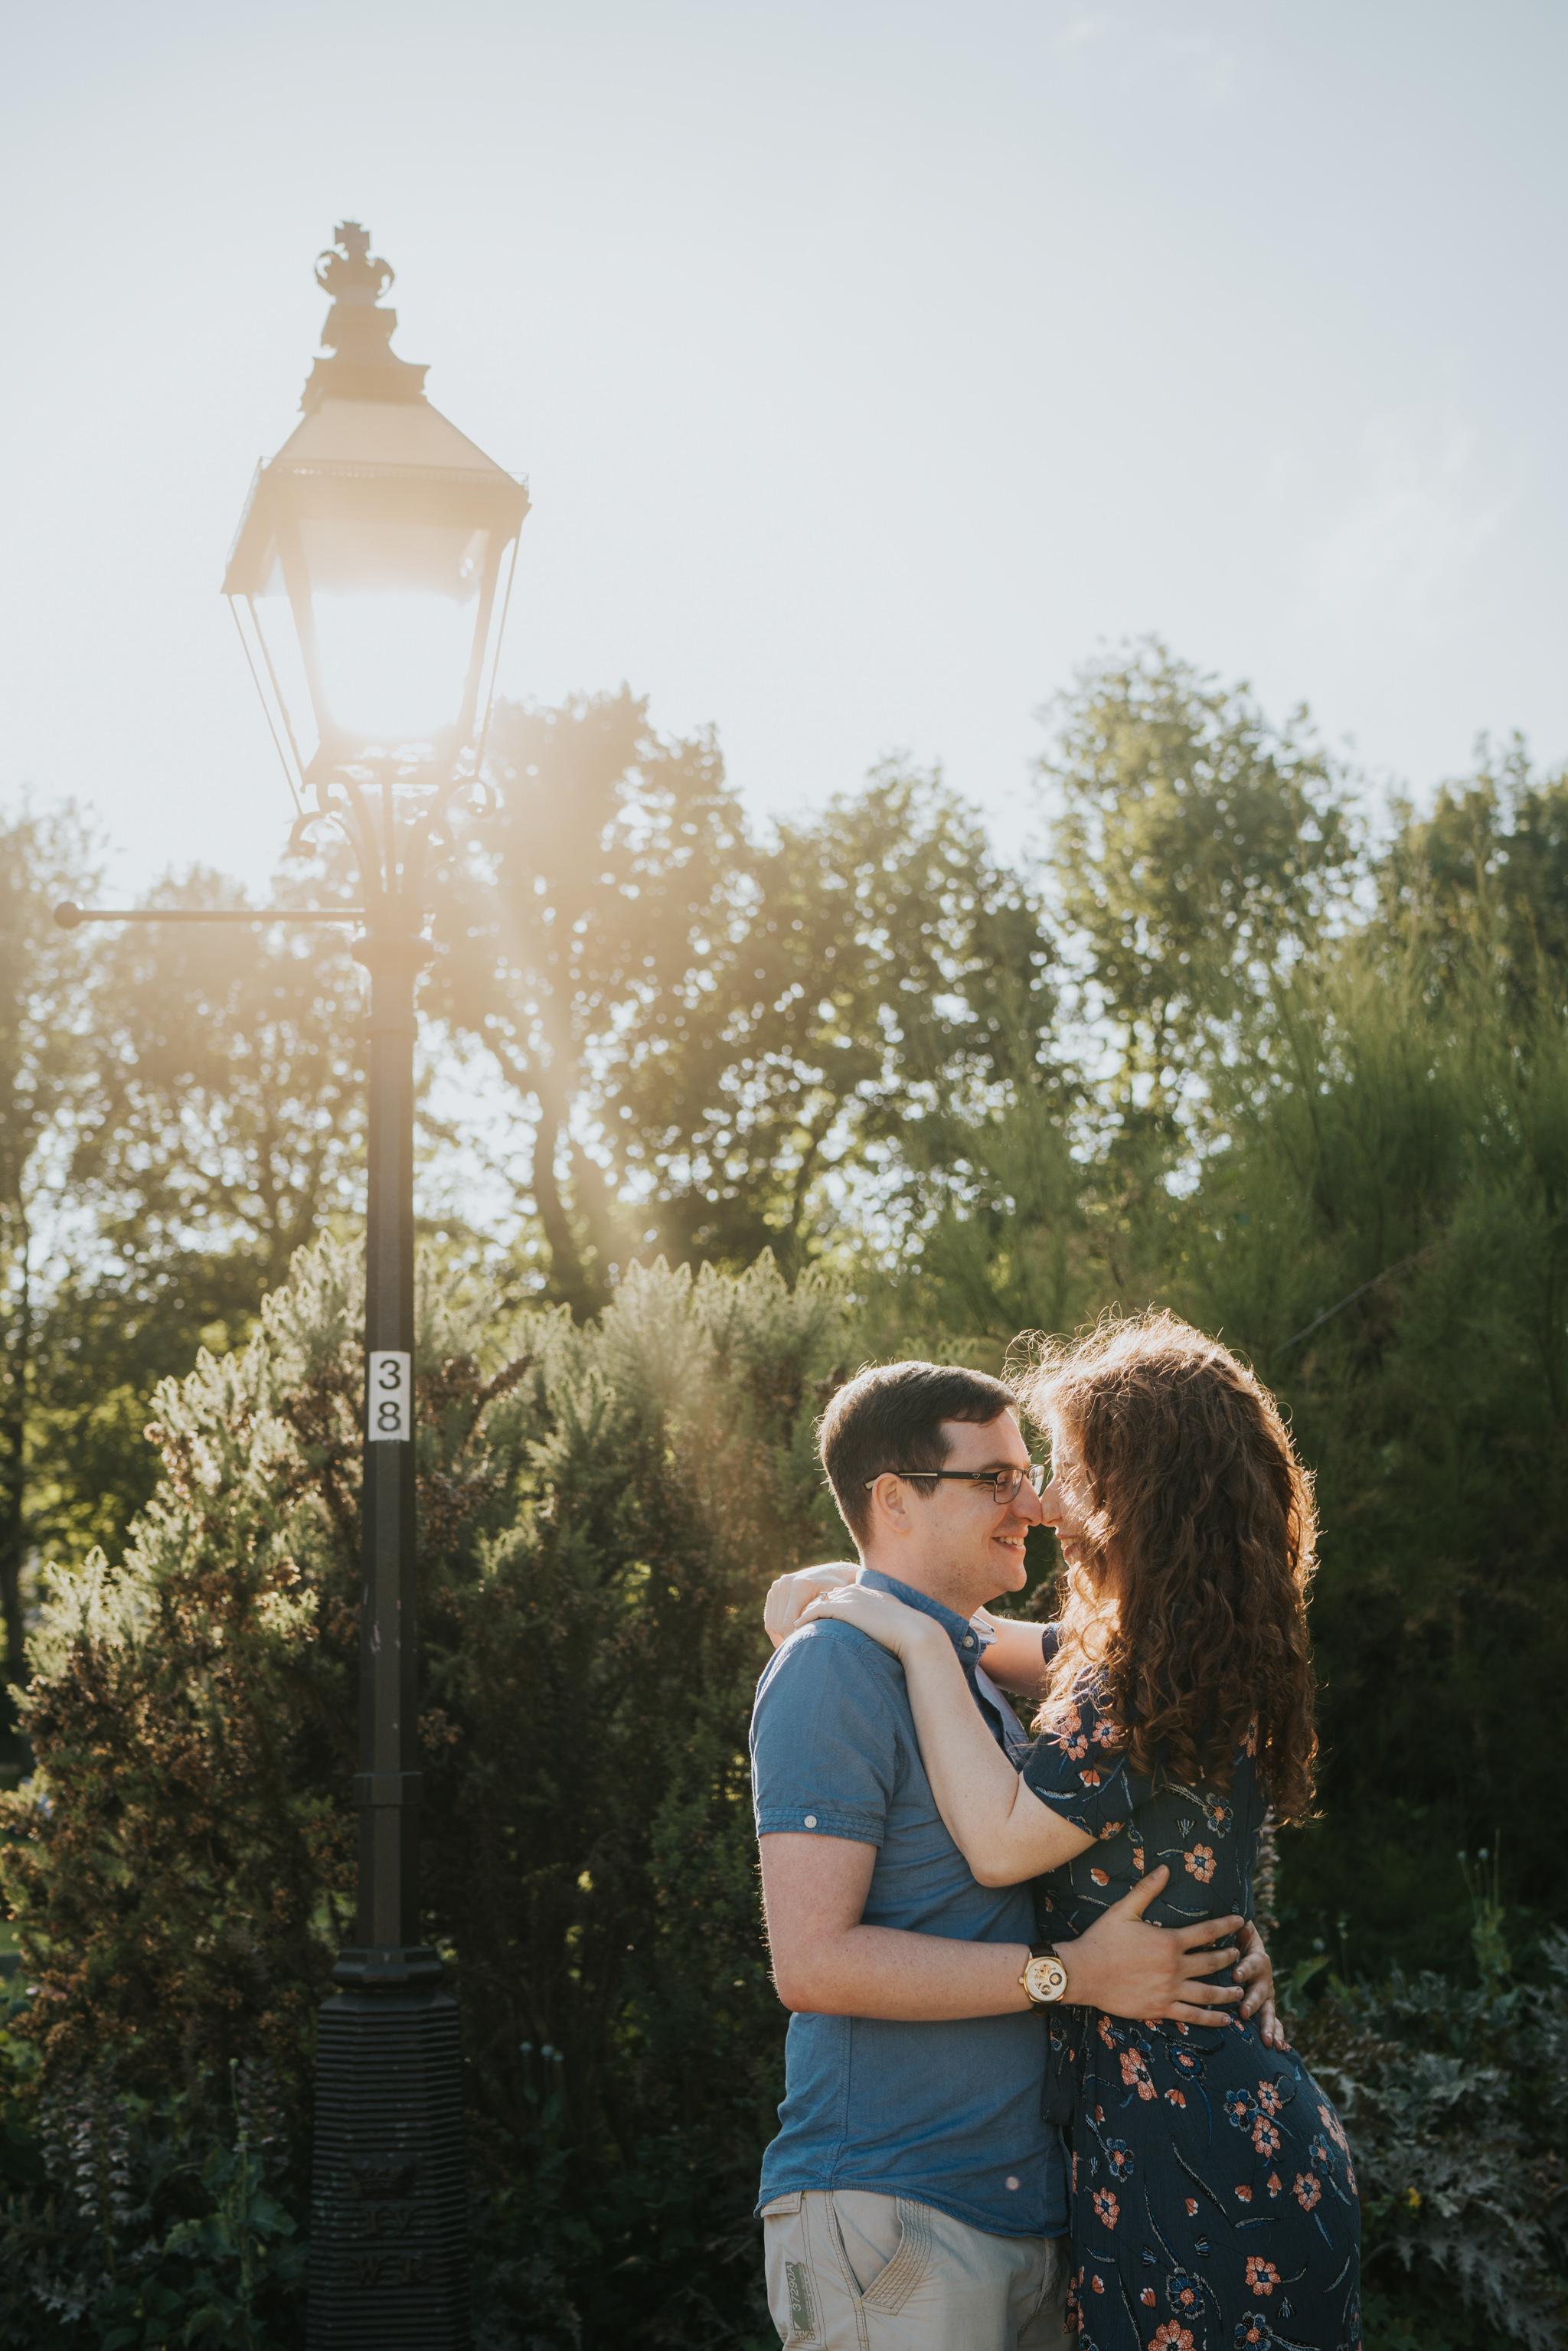 philippa-mark-pre-wedding-session-brighton-pier-colchester-grace-elizabeth-colchester-essex-alternative-wedding-lifestyle-photographer-essex-suffolk-norfolk-devon-28.jpg